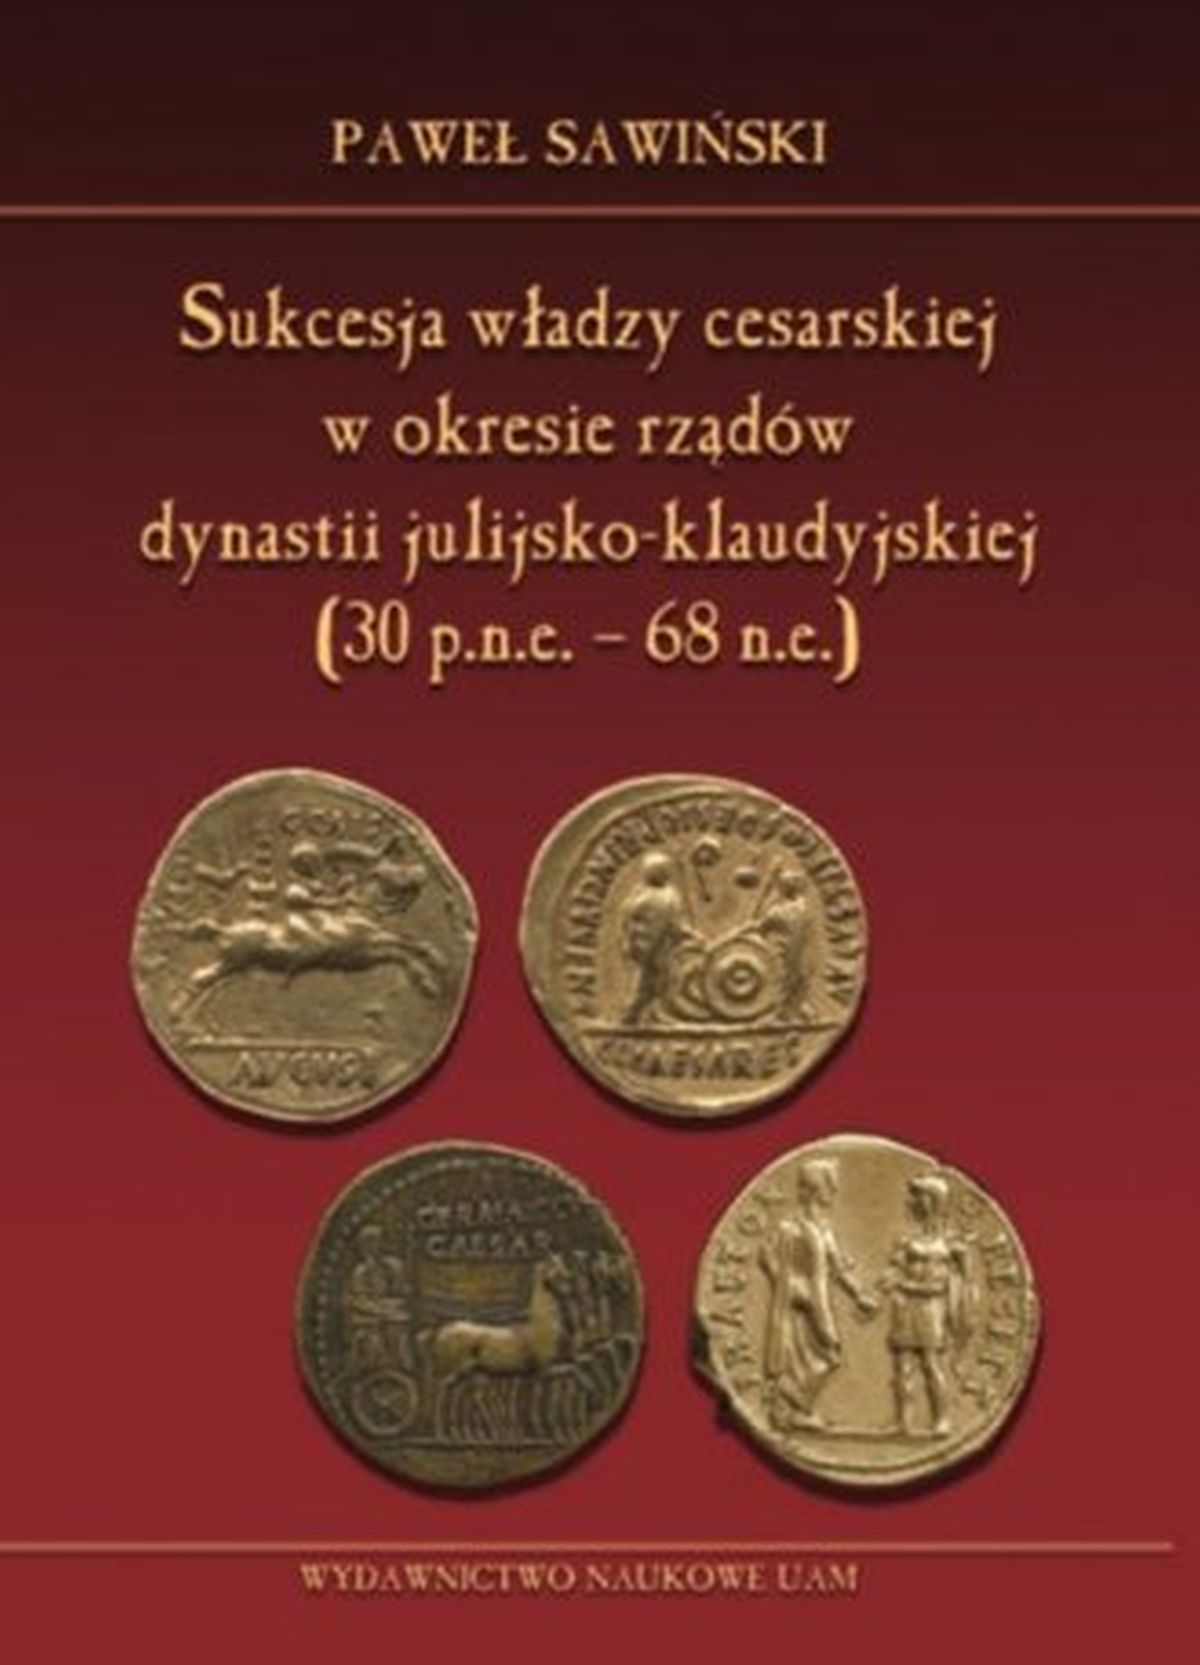 Sukcesja władzy cesarskiej w okresie rządów dynastii julijsko-klaudyjskiej (lata 30 p.n.e. - 68 n.e.)